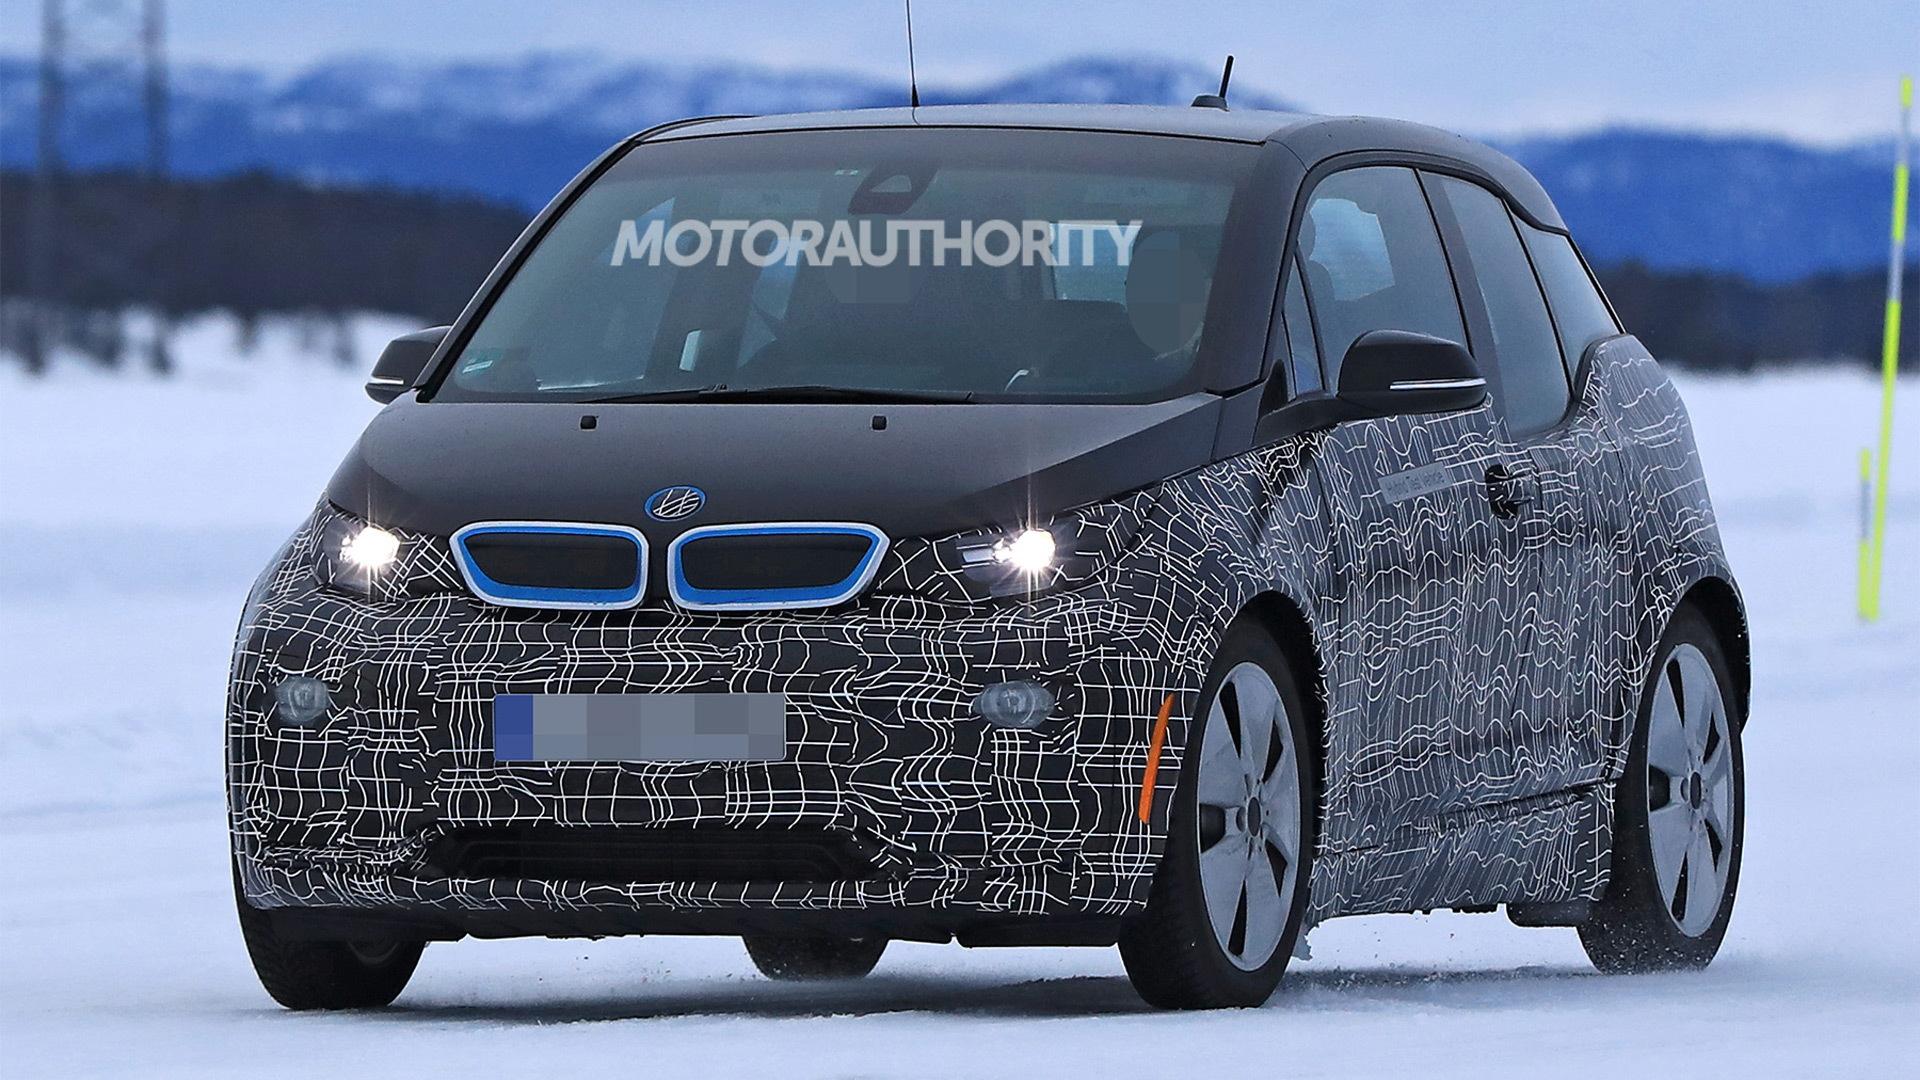 2018 BMW i3 facelift spy shots - Image via S. Baldauf/SB-Medien